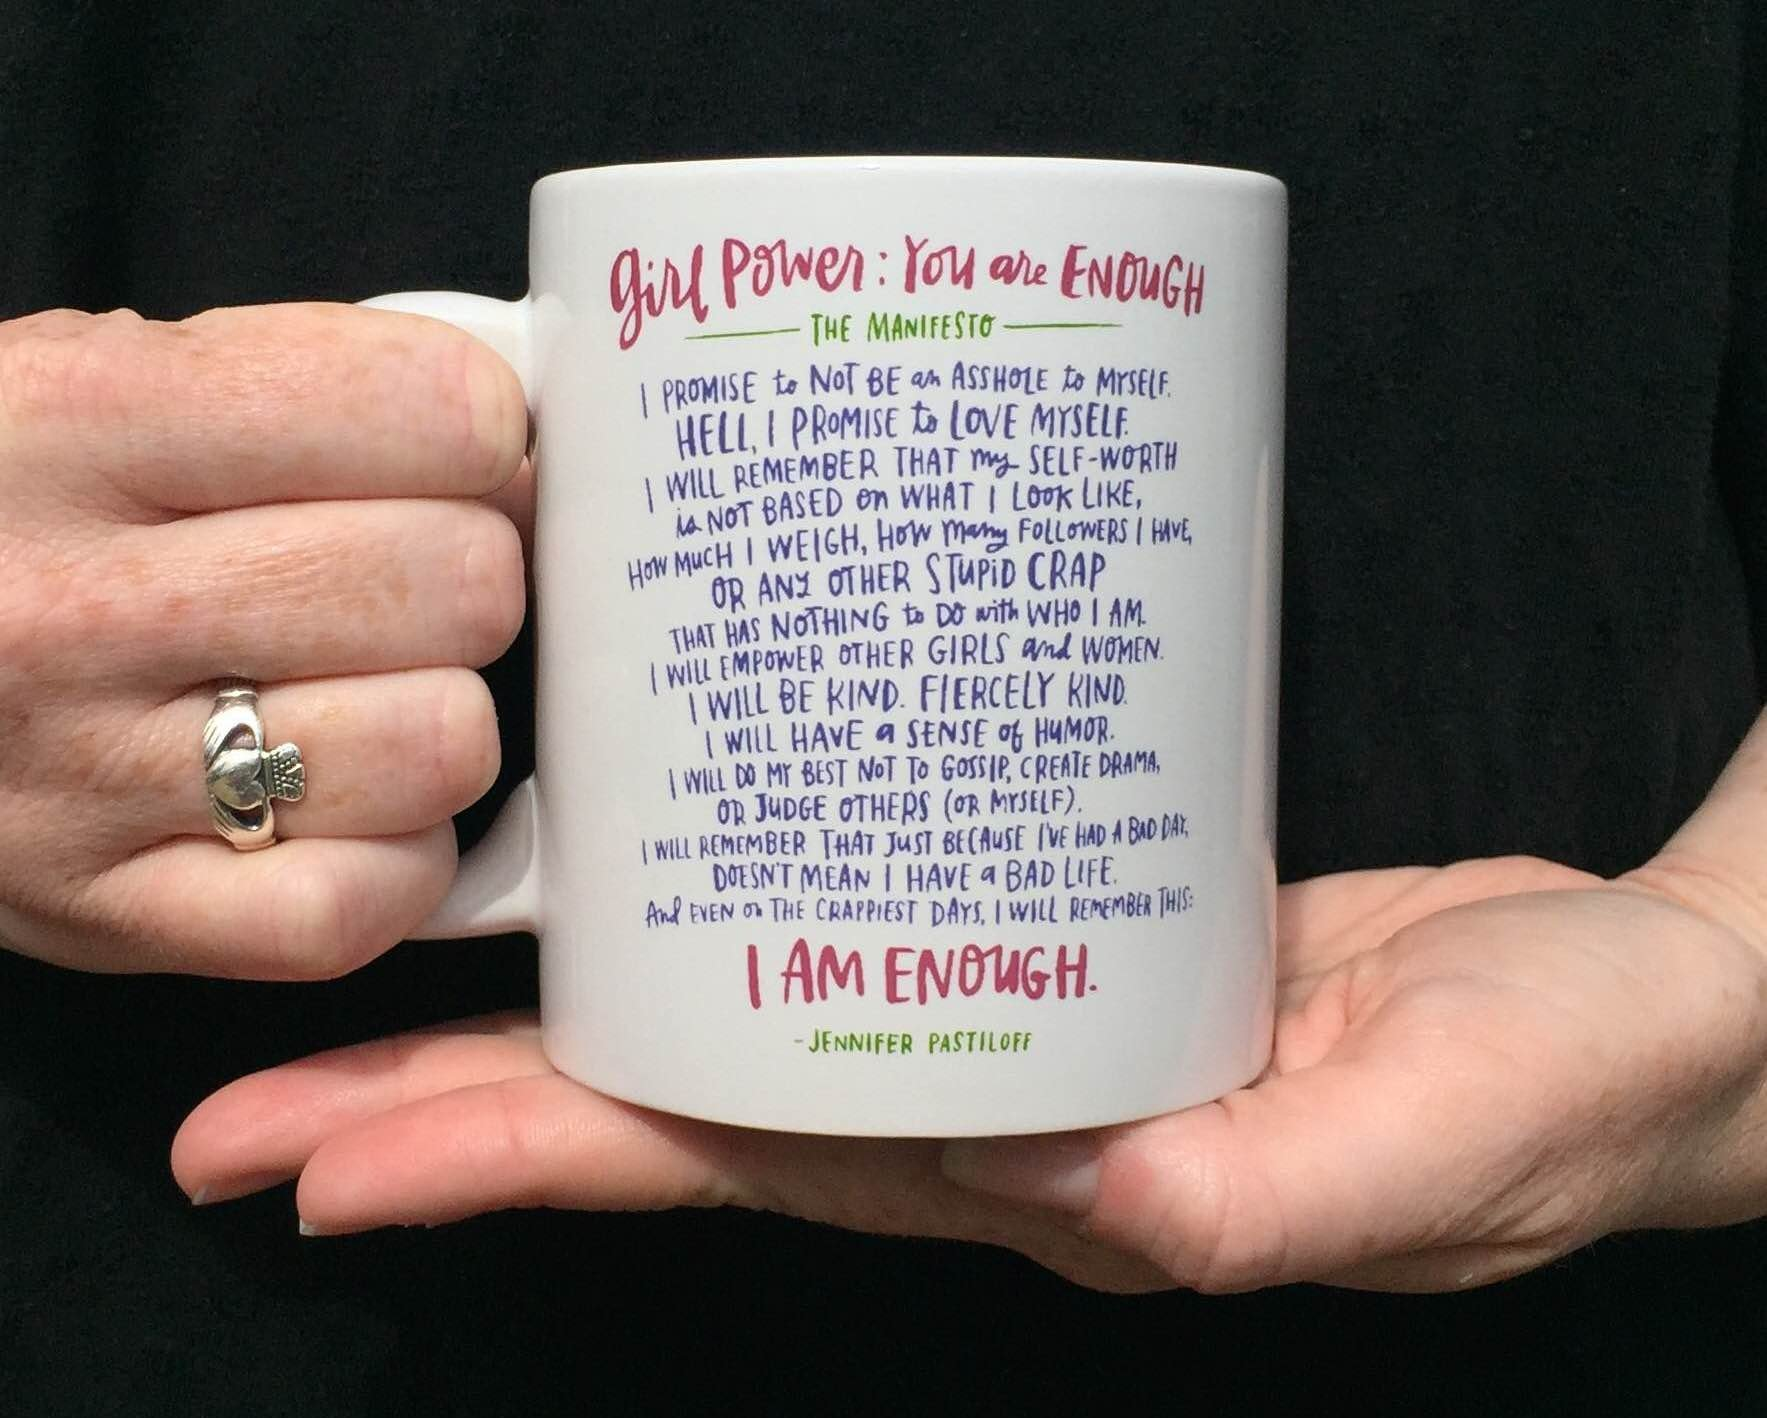 Girl Power: You Are Enough Mug